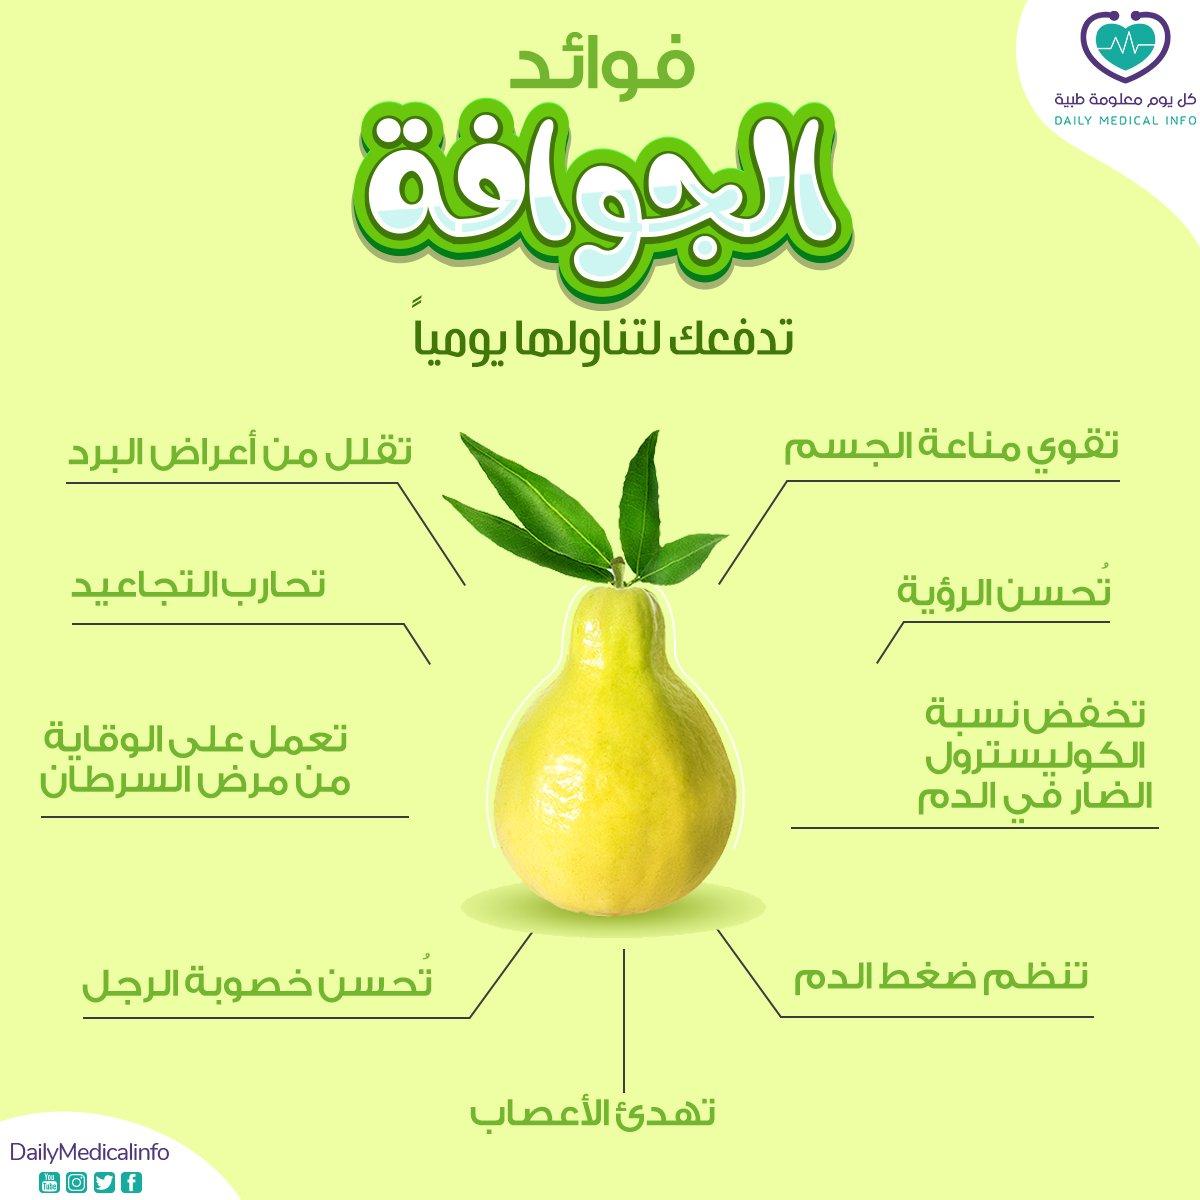 تعرفوا على فوائد الجوافة المتنوعة..